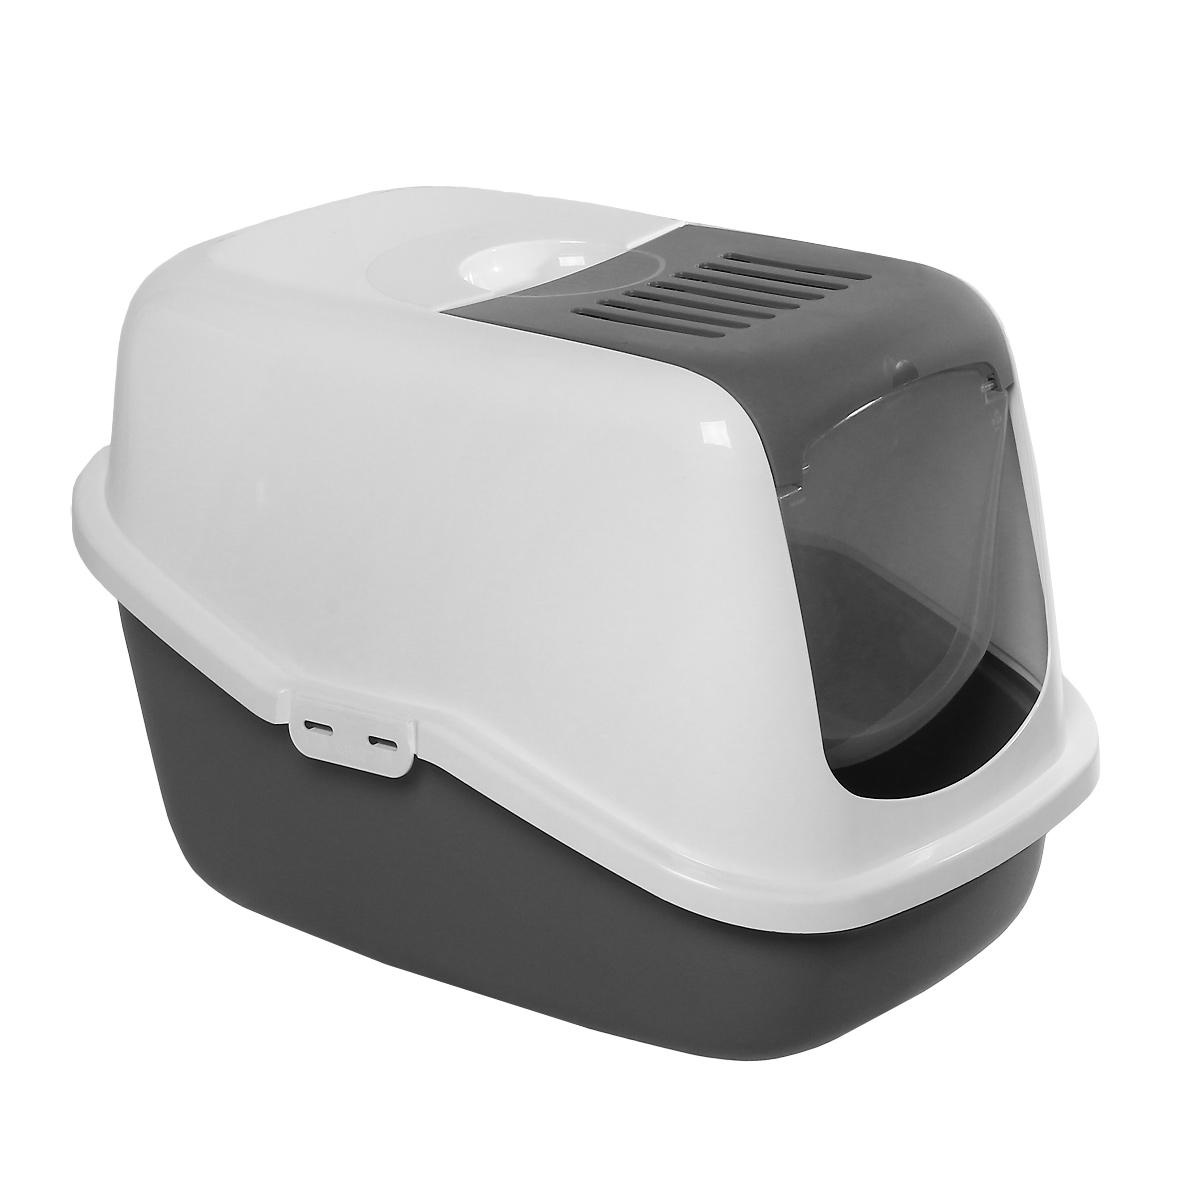 Туалет для кошек Savic Nestor, закрытый, цвет: белый, светло-серый, 56 см х 39 см х 38,5 см0120710Туалет для кошек Savic Nestor изготовлен из качественного прочного пластика в виде домика. Легкая прозрачная пластиковая крышка предотвратит распространение запаха в доме.Это самый простой в употреблении предмет обихода для кошек и котов.Фильтр в комплект не входит.